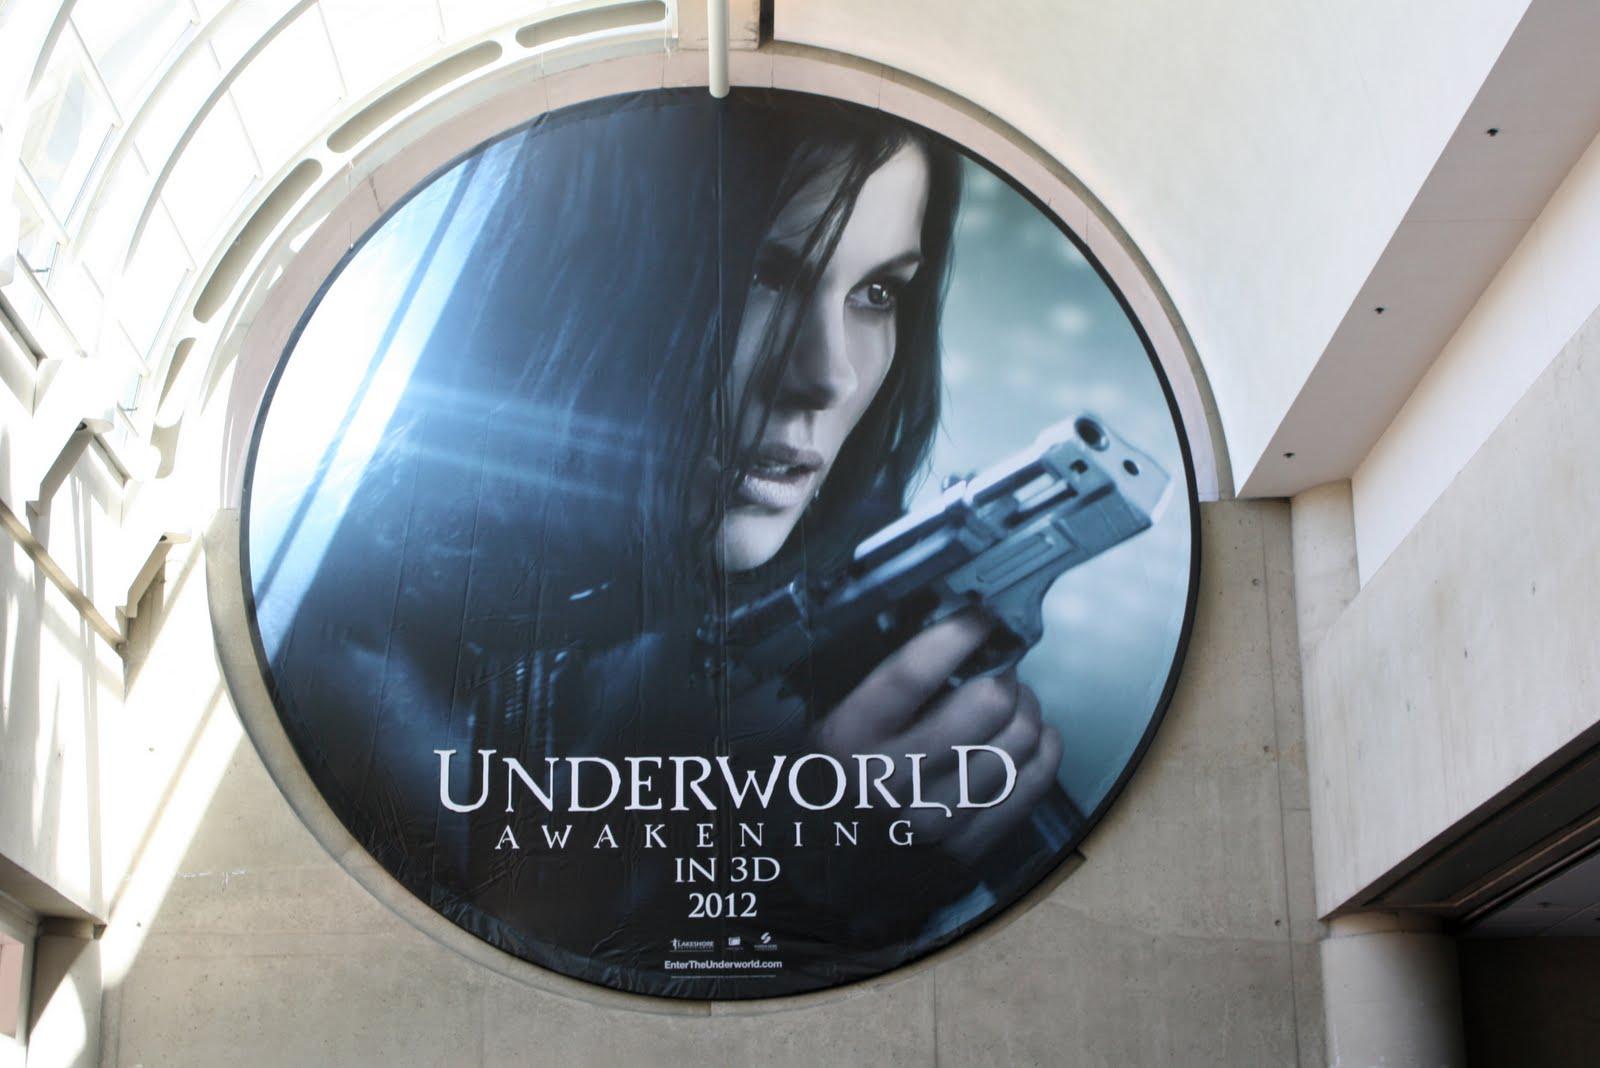 http://4.bp.blogspot.com/-Xy0oFGI7CDE/TlUGXcd178I/AAAAAAAACug/-JV2huHuC10/s1600/Underworld4_Awekining_HD_Poster_www.vvallpaper.net.jpg